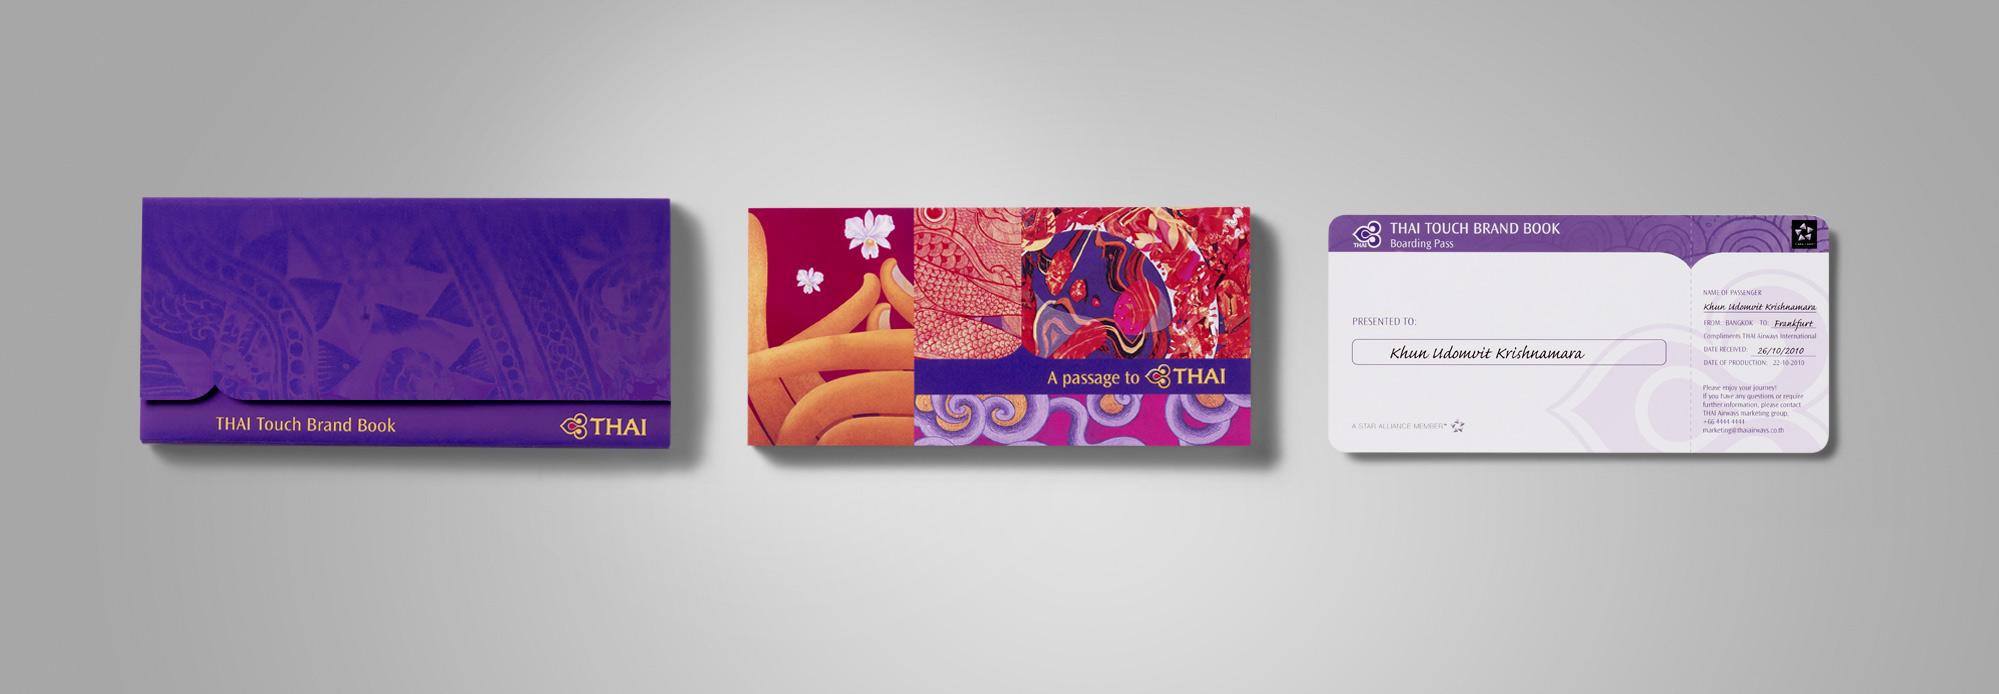 Thai Airways Brand Guidelines Packaging